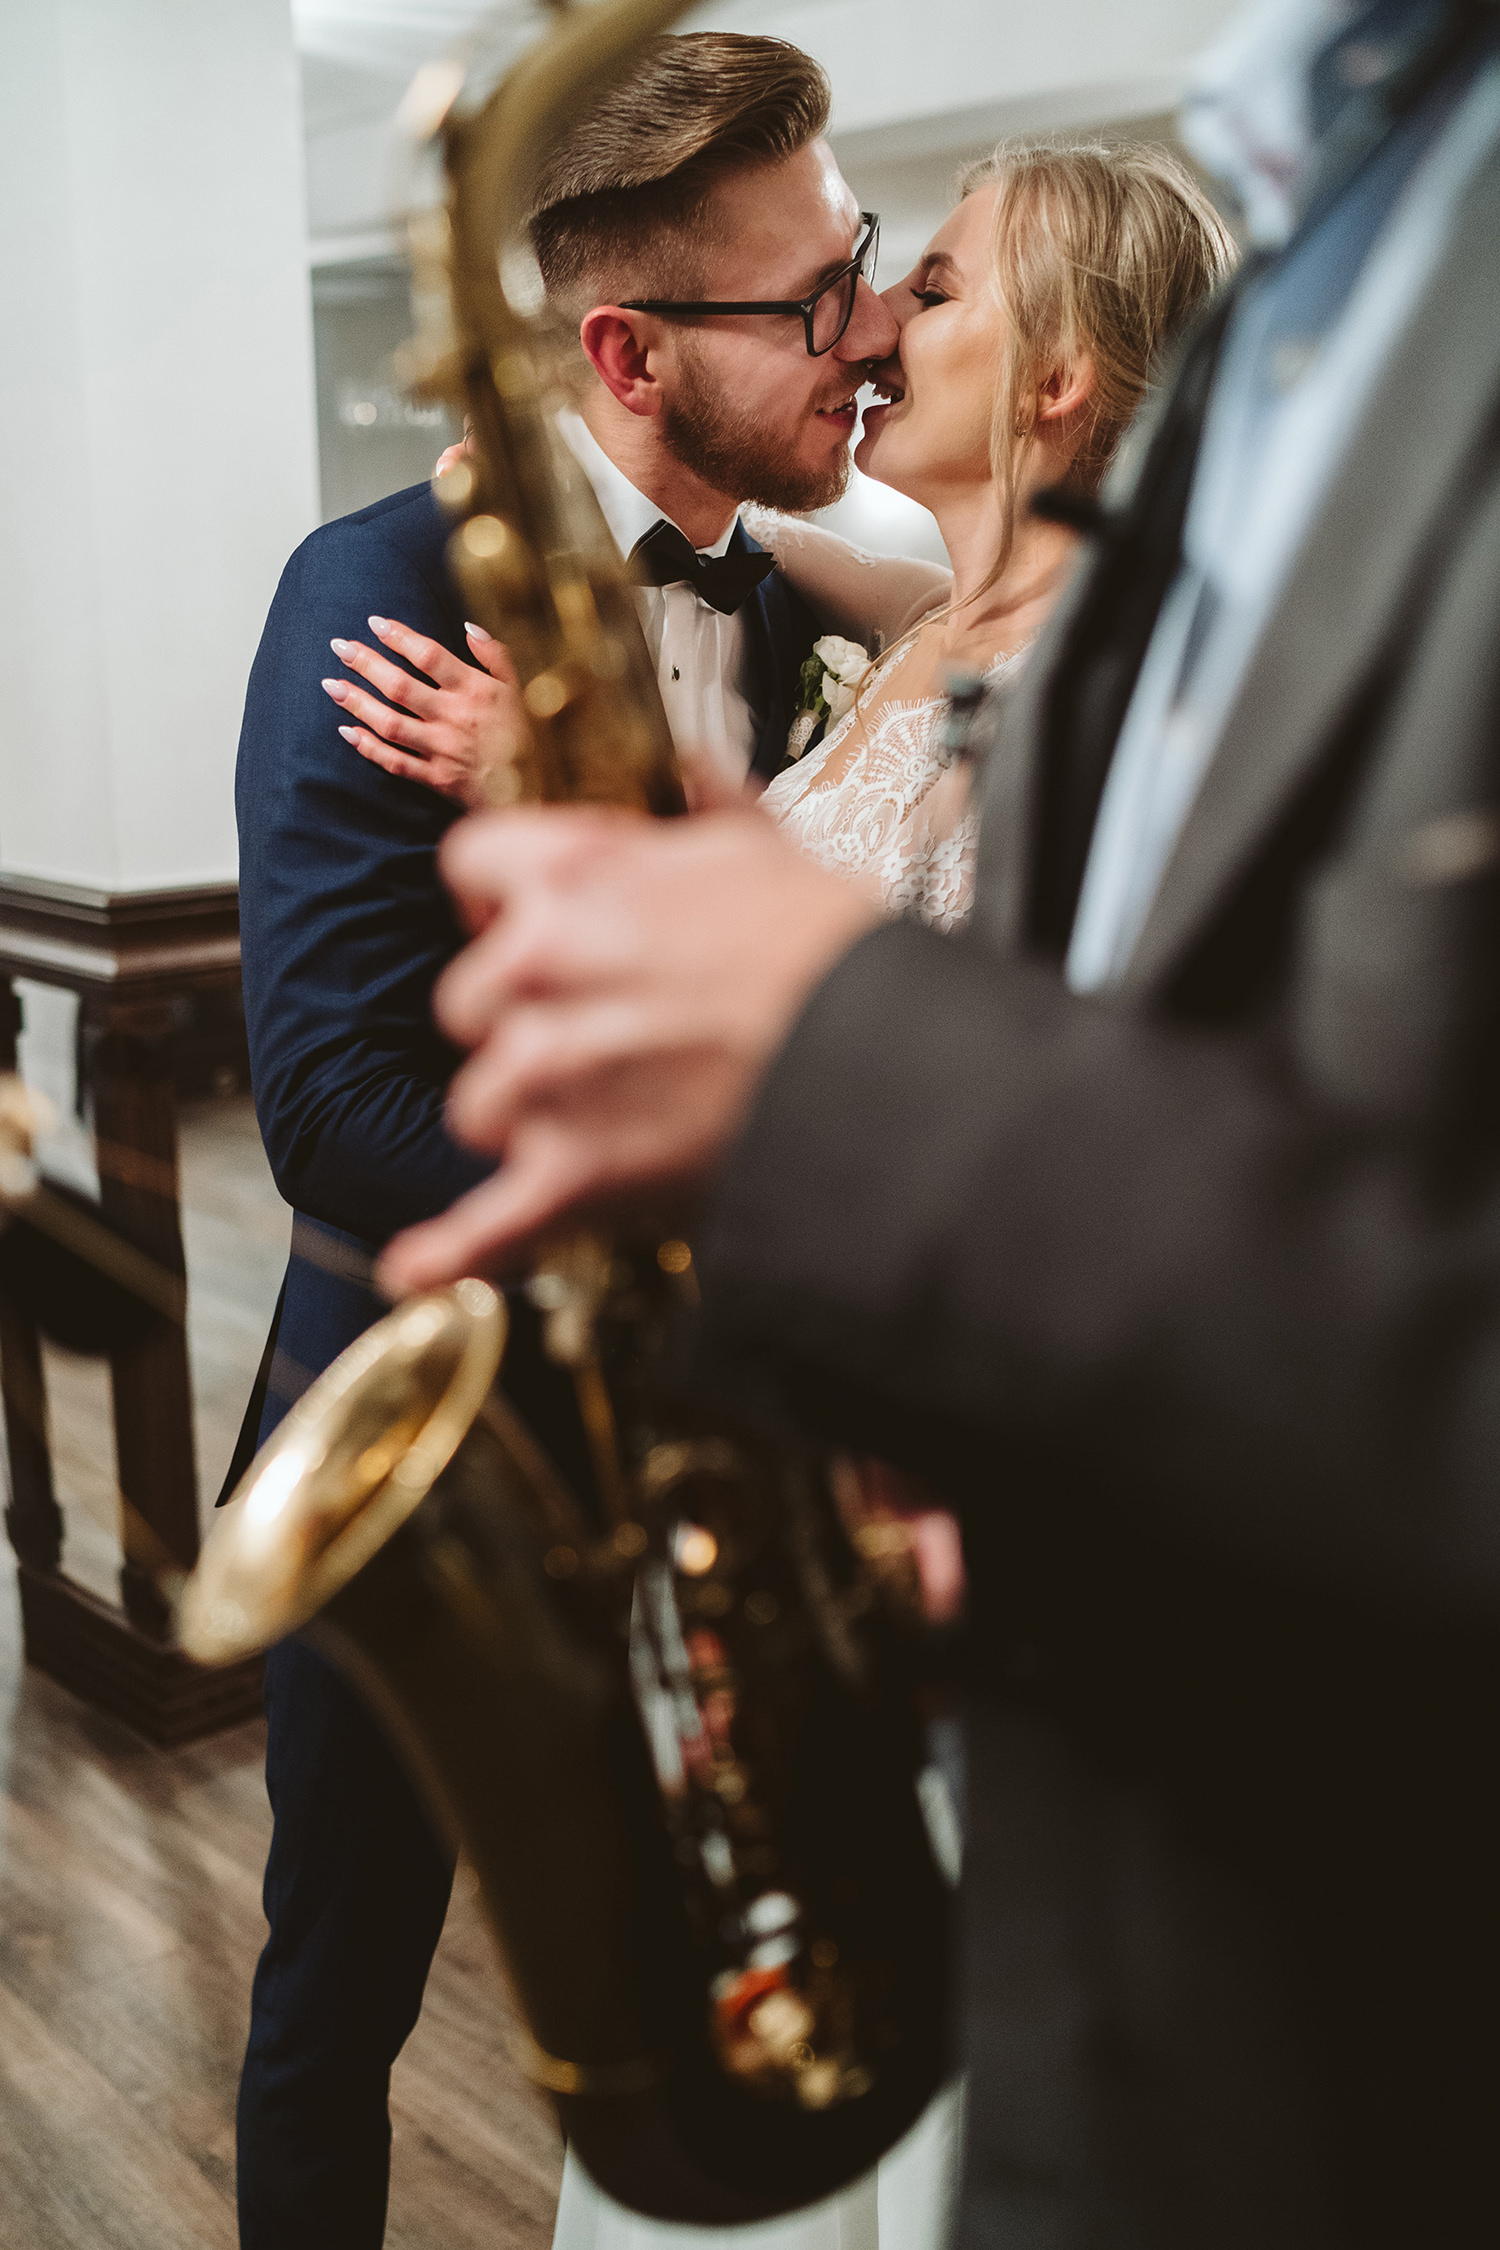 Najlepsze zdjęcia ślubne w 2018 roku 50